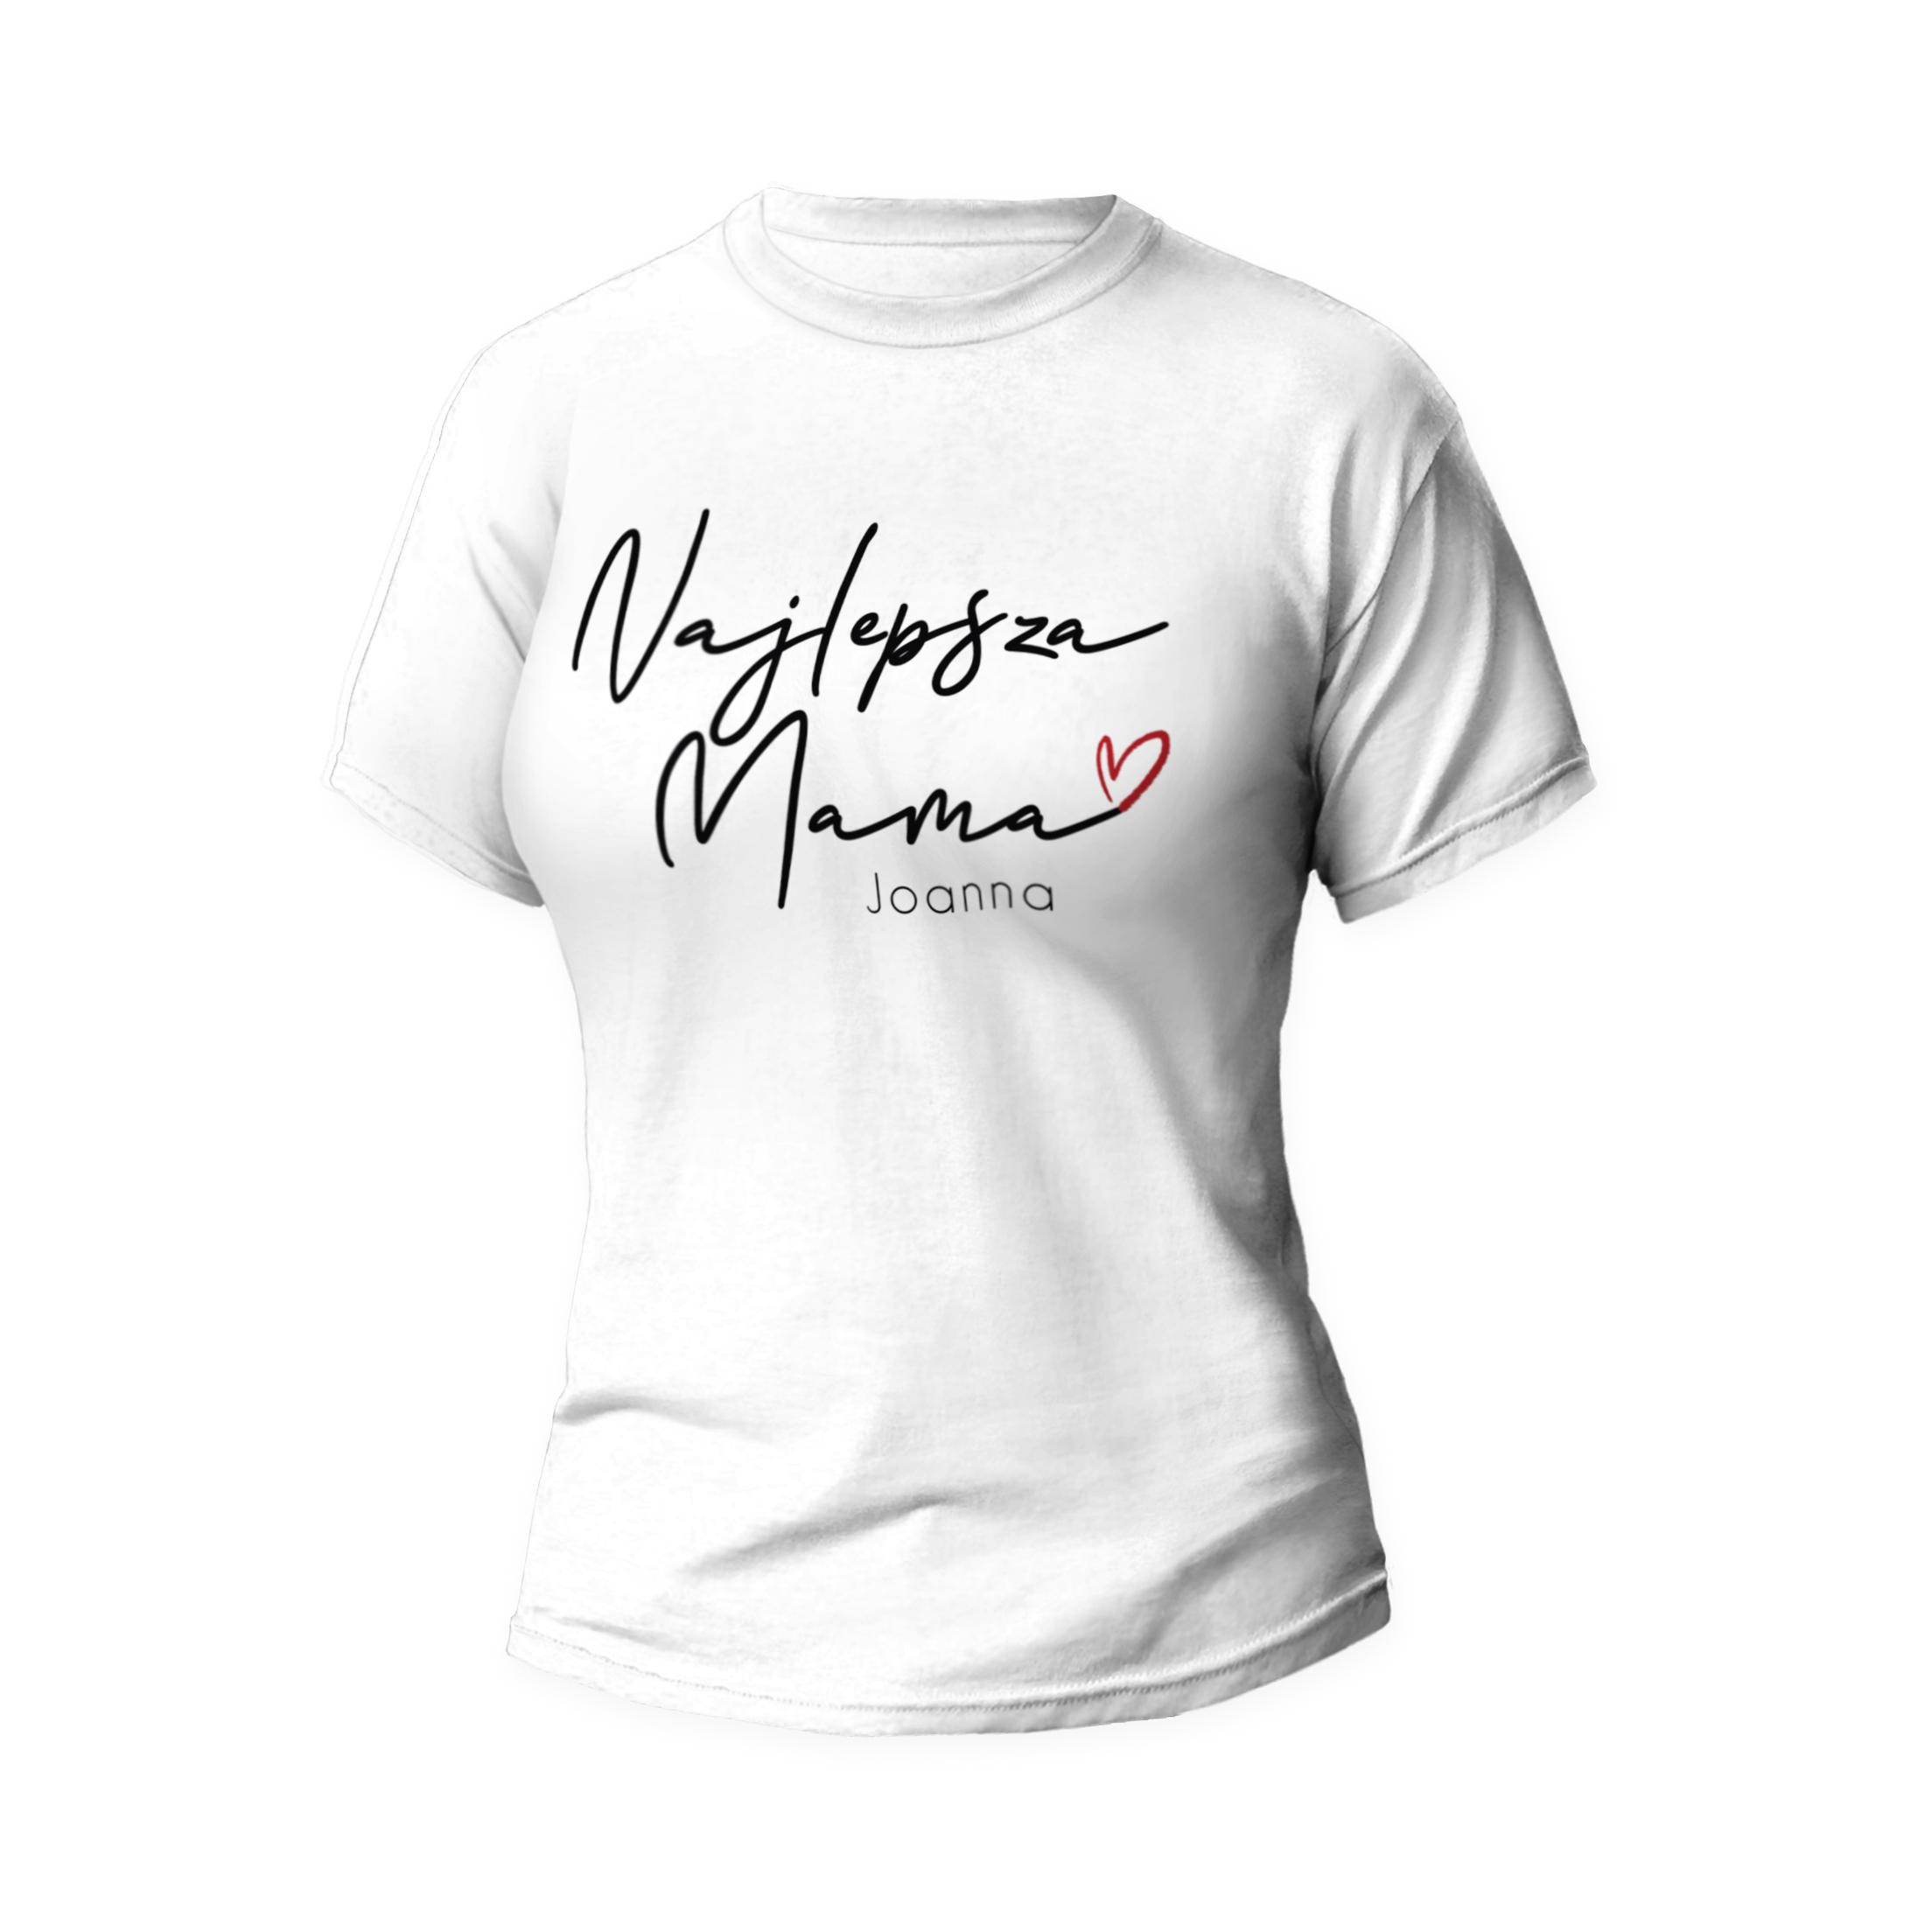 Rozmiar S - koszulka damska z własnym nadrukiem - Najlepsza mama - biała